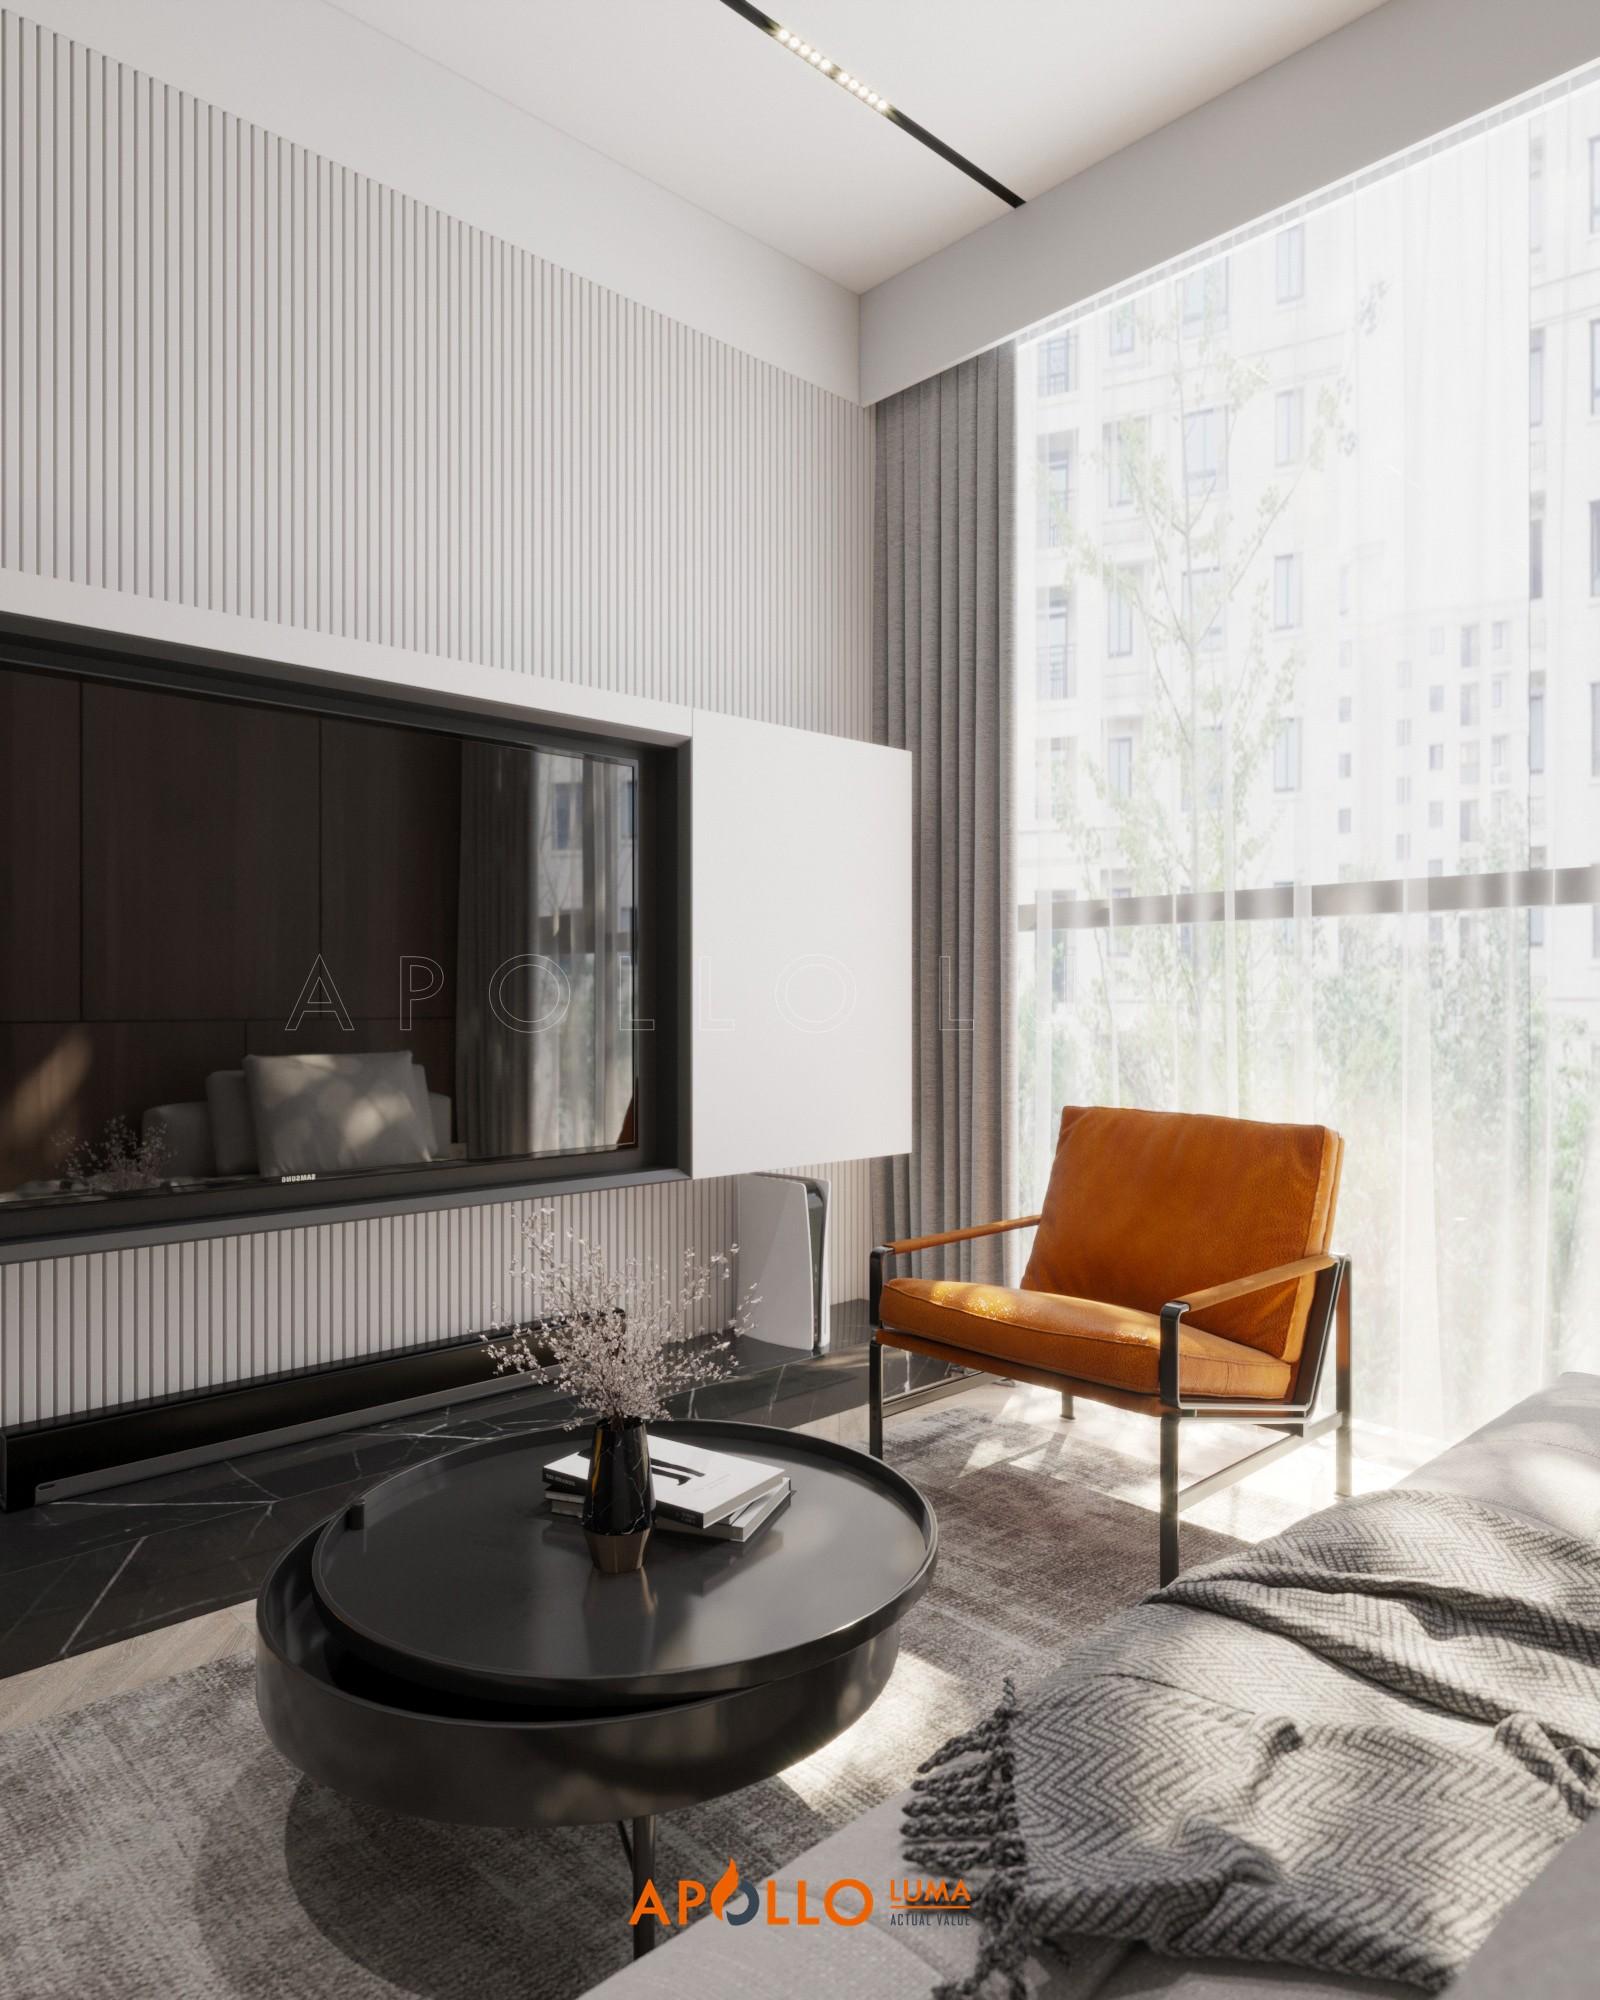 Thiết kế phòng khách phong khách cho căn hộ The Matrix One